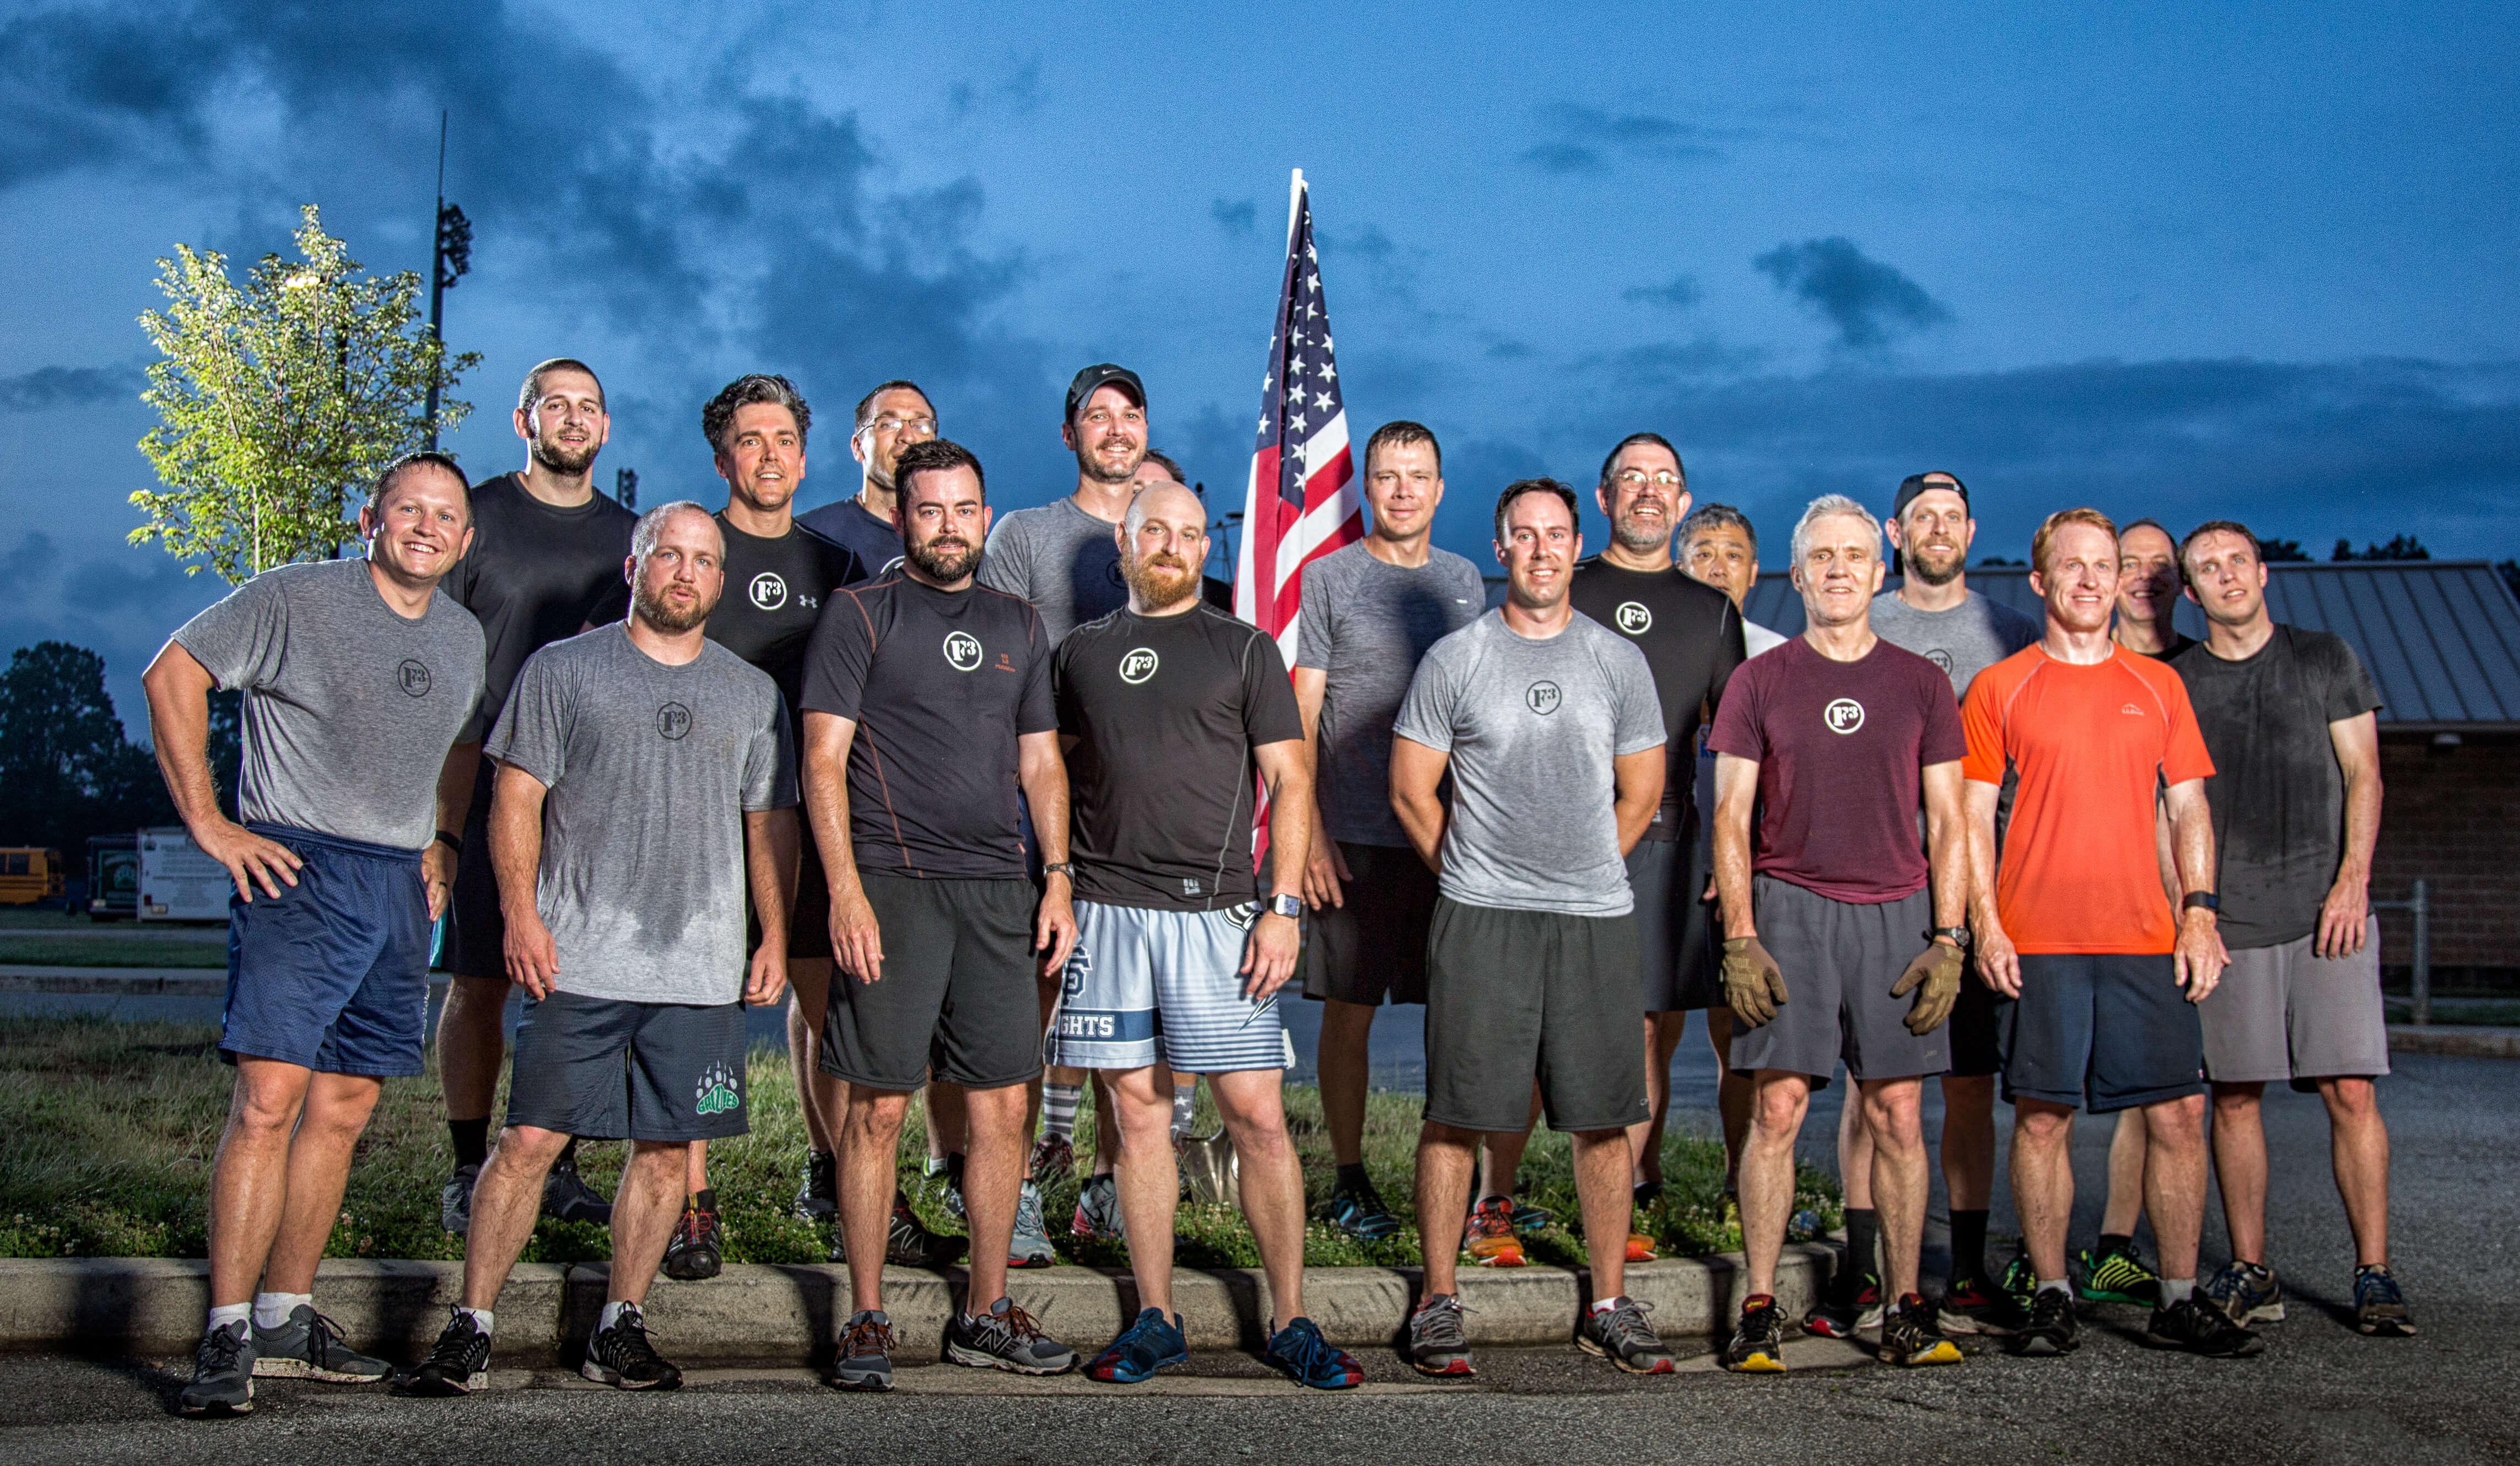 F3 : Fitness, Fellowship and Faith